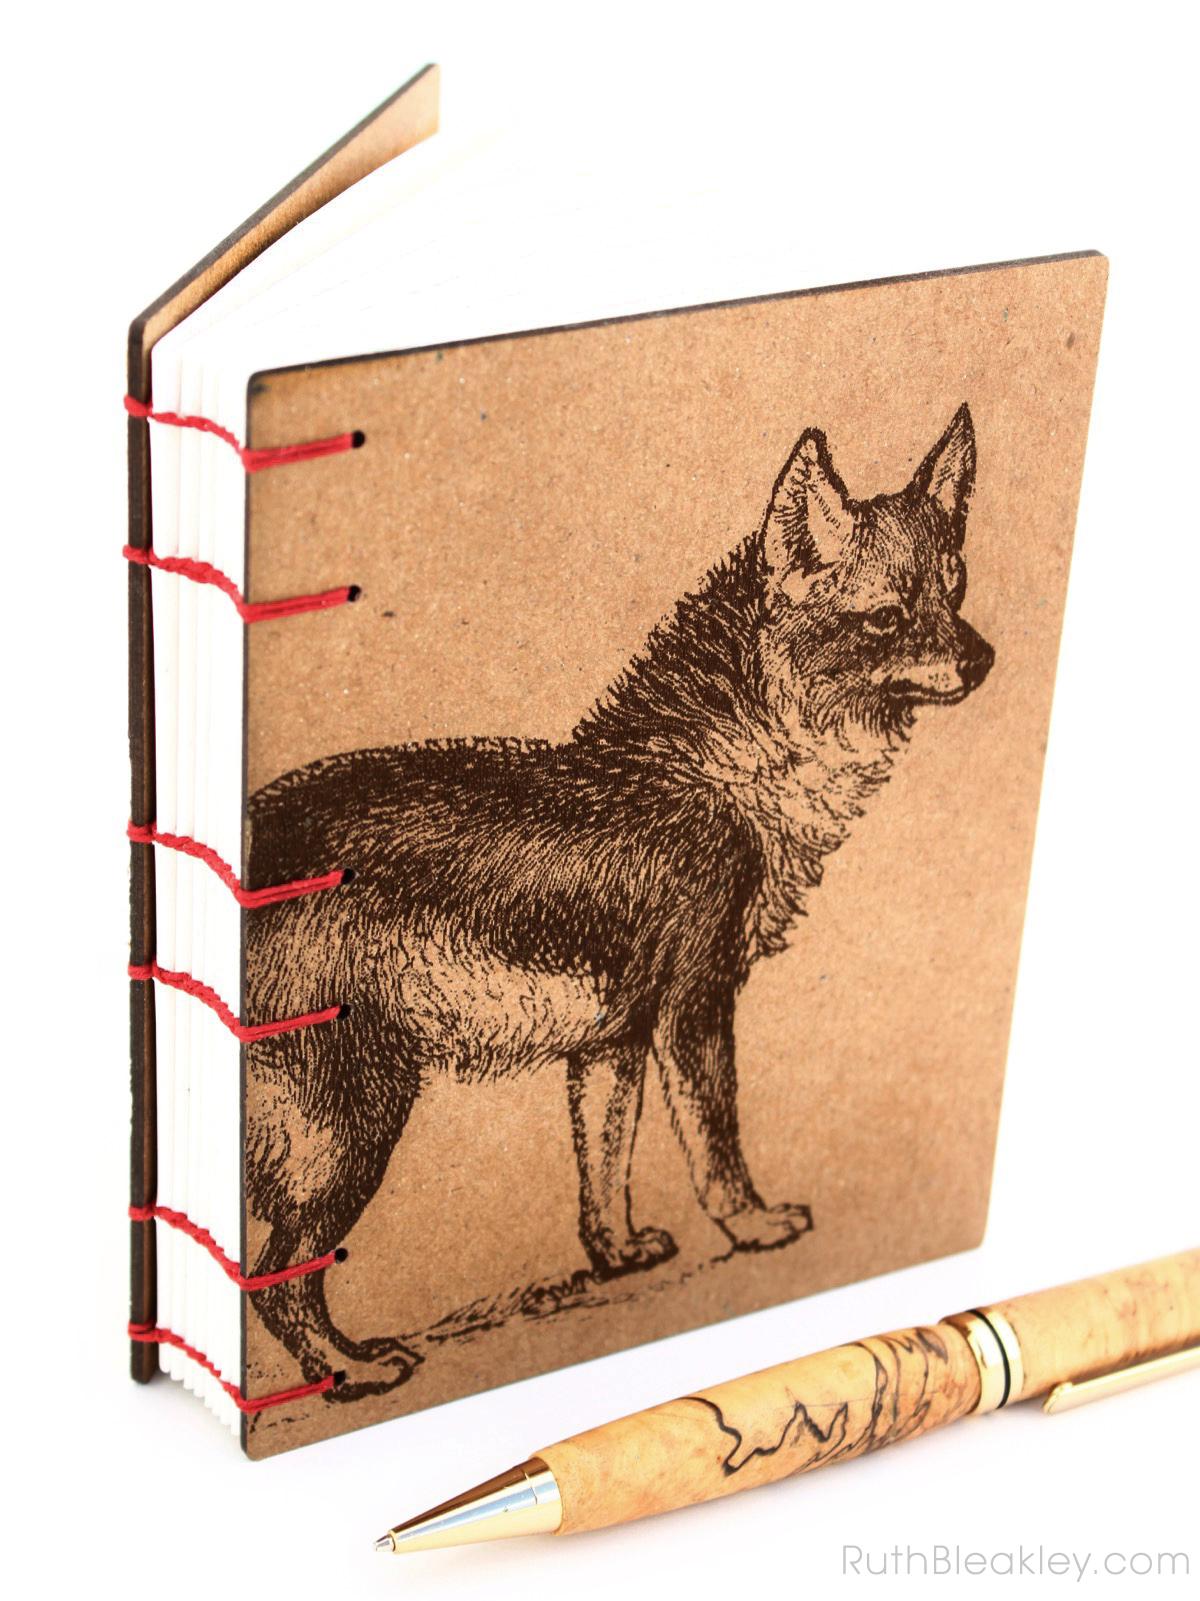 Coyote Wolf Journal handmade by American book artist Ruth Bleakley - 6